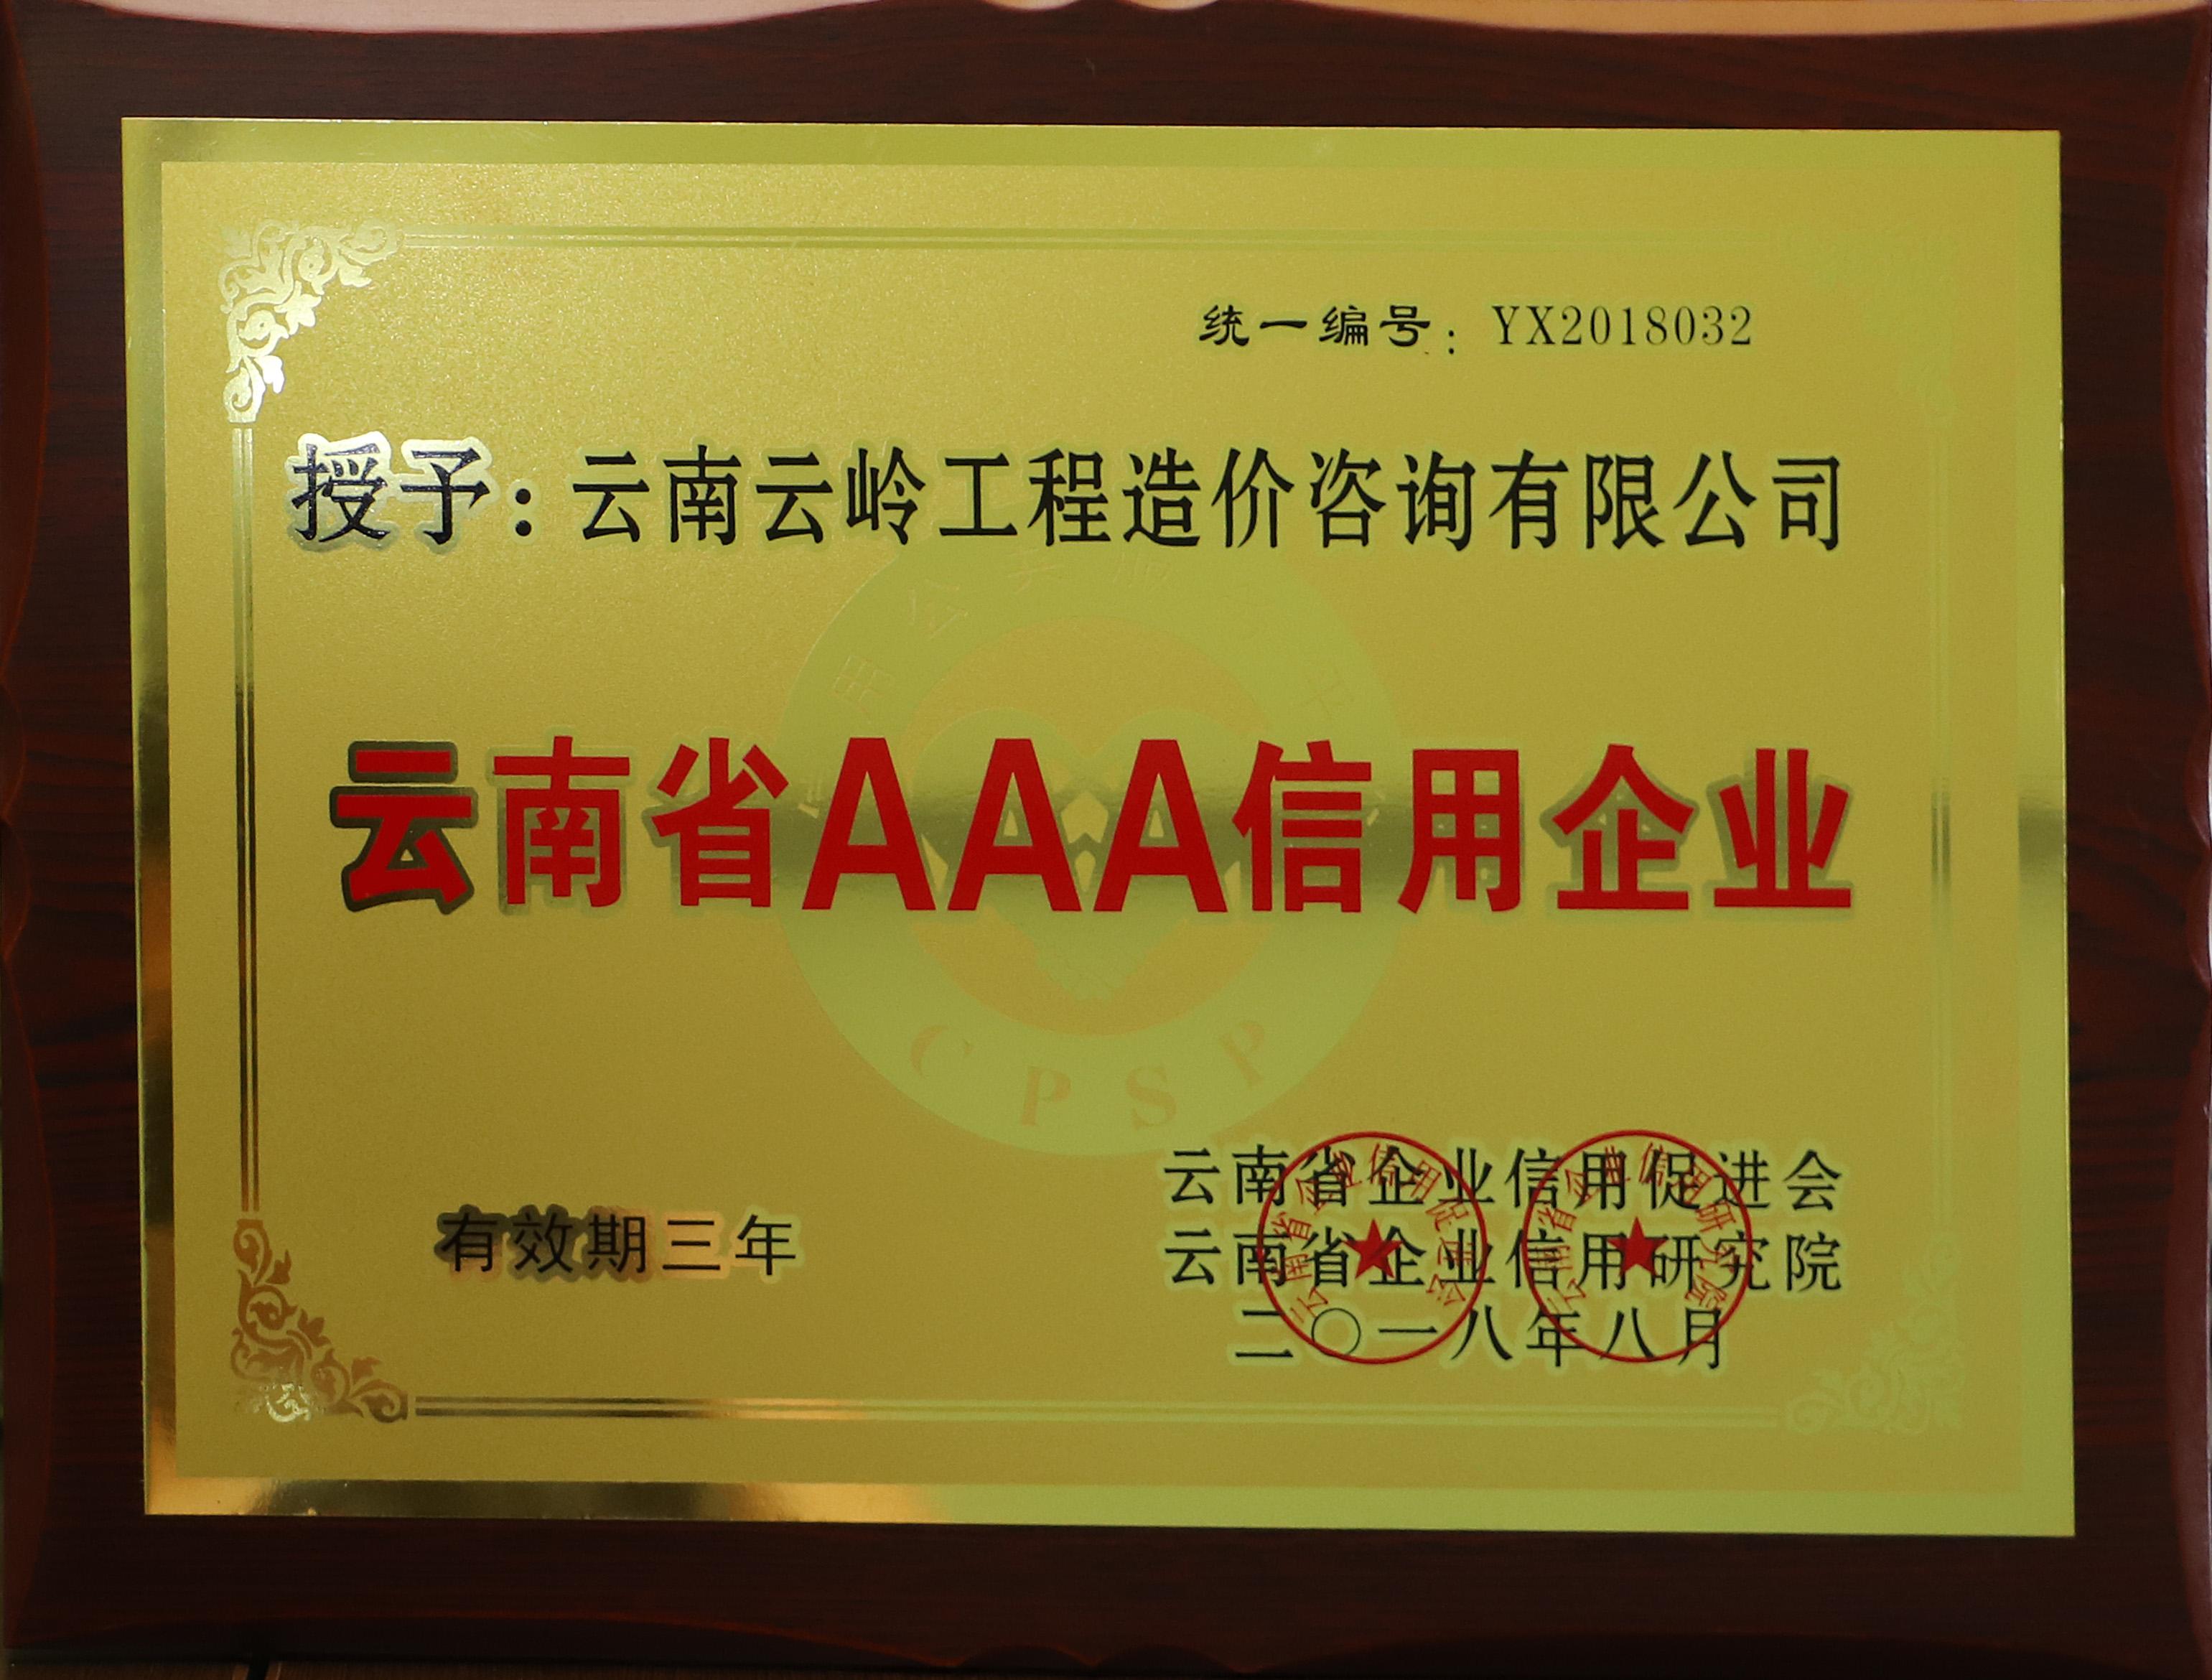 云南省AAA信用企業